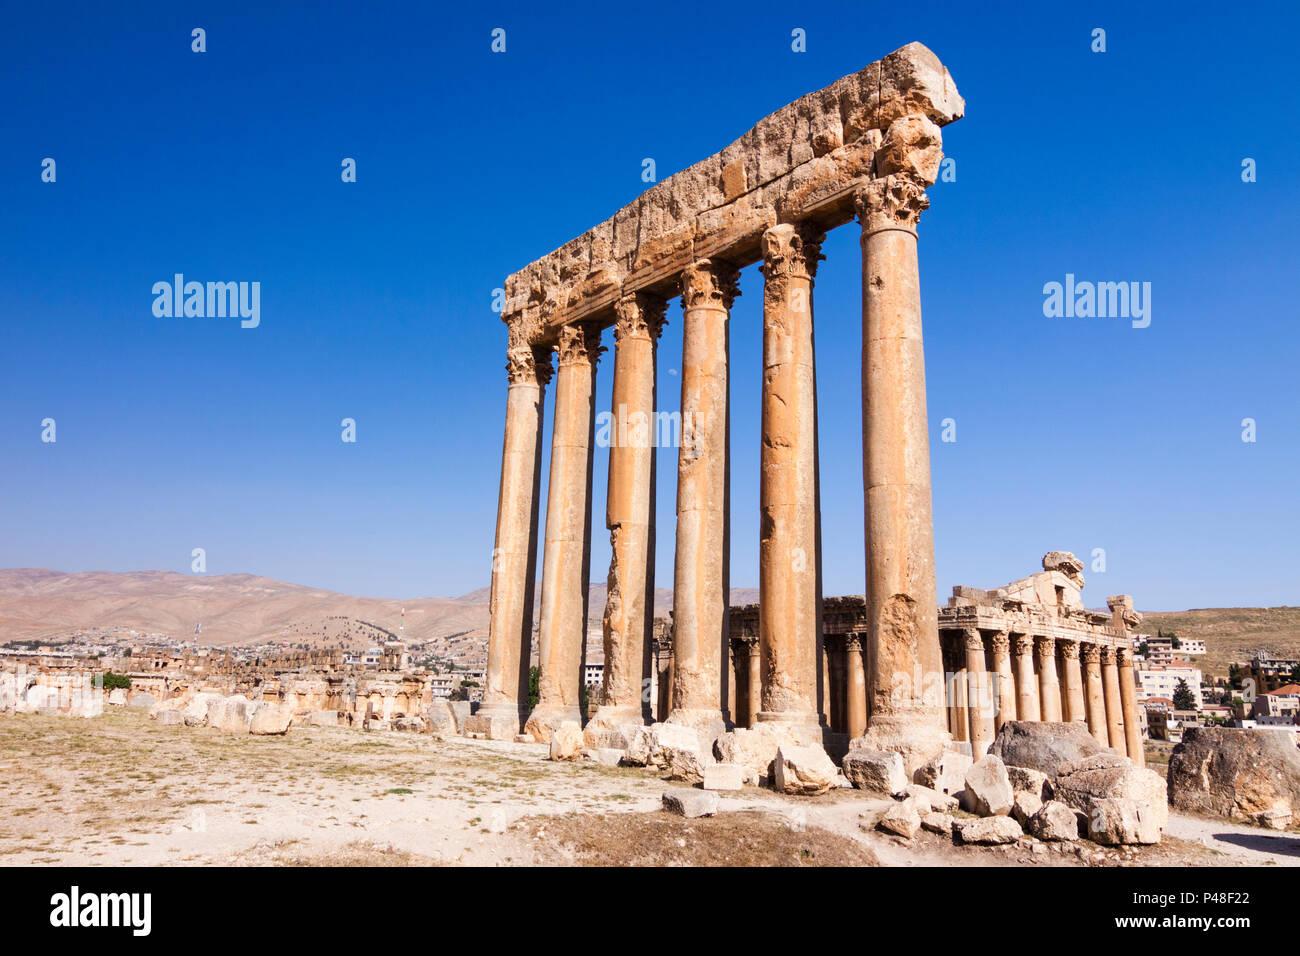 Baalbek, Libano : UNESCO - Sito Patrimonio dell'umanità di le rovine dei templi di Giove e di Bacco (150 D.C. al 250 D.C.) a Baalbek Heliopolis romano. Immagini Stock